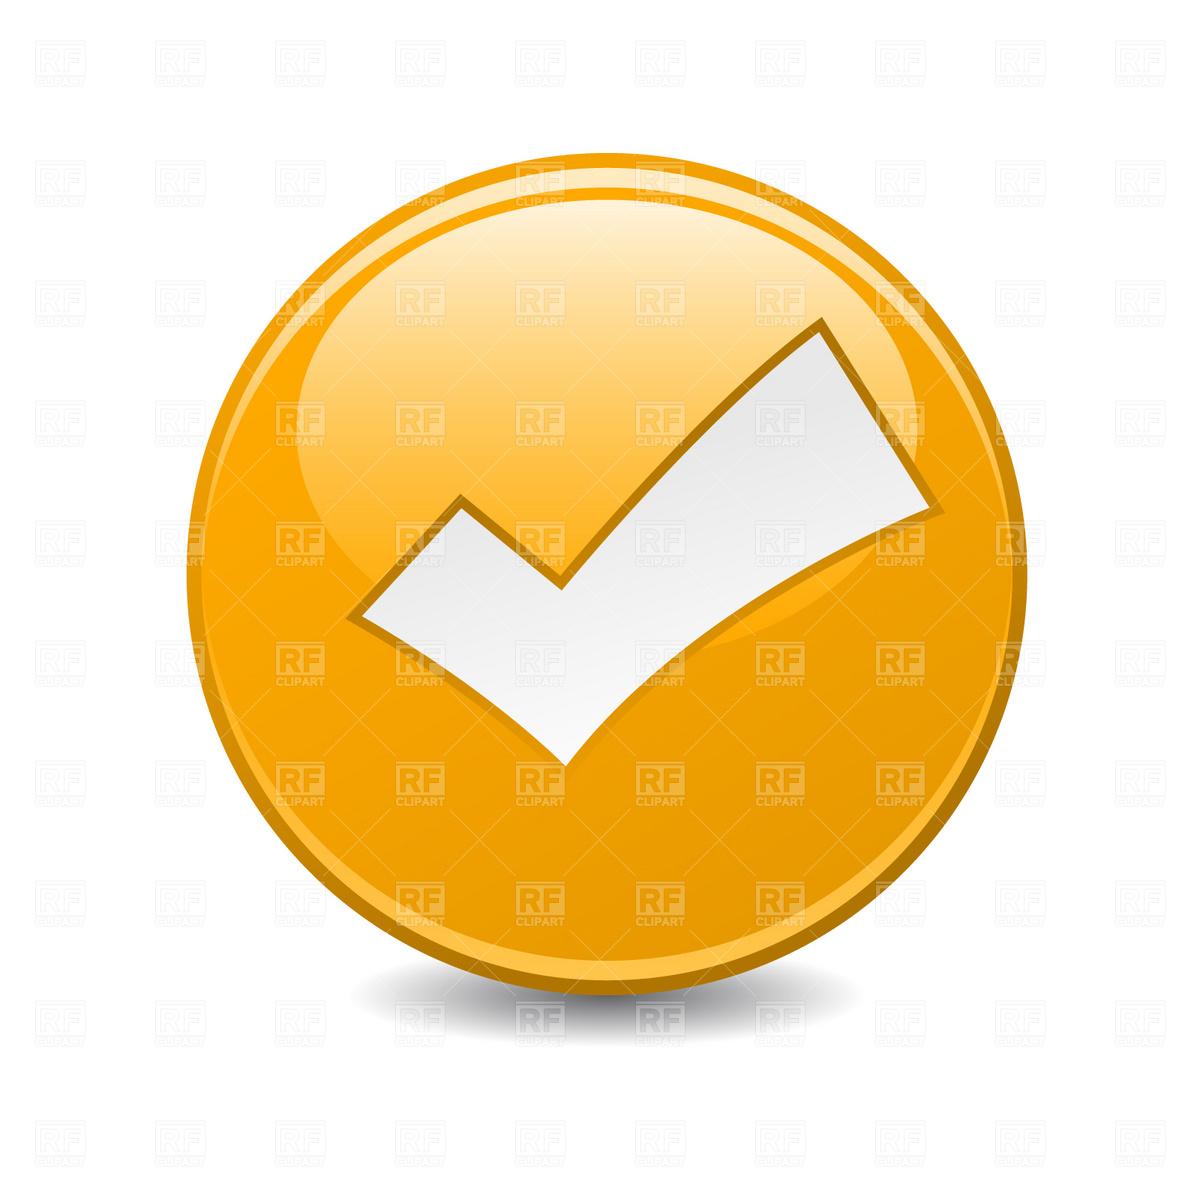 Check mark button Vector Image #1787.